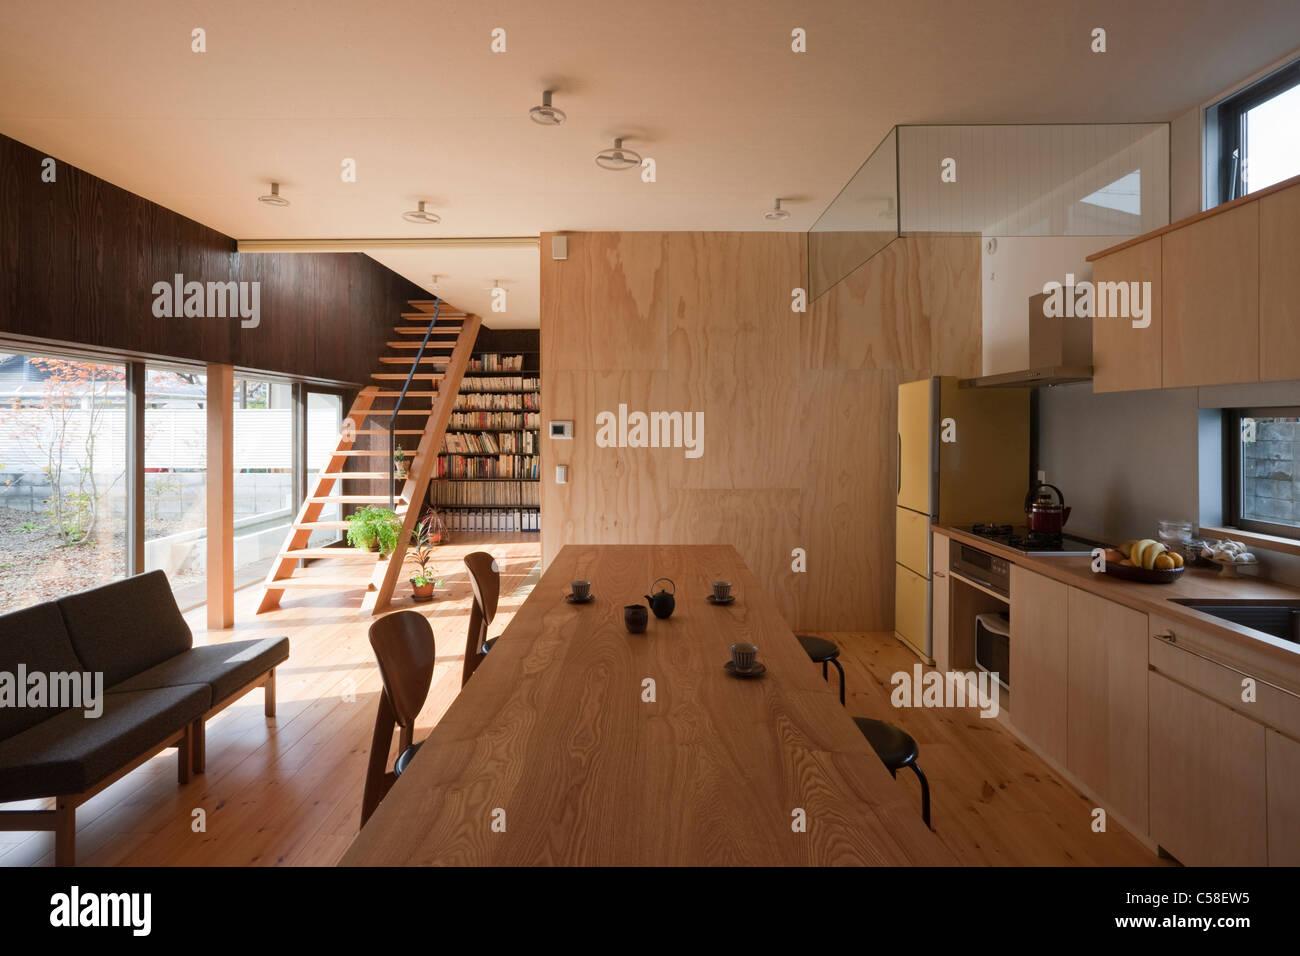 Matsugasaki-So, Appartementhaus, offene Küche und Esszimmer ...